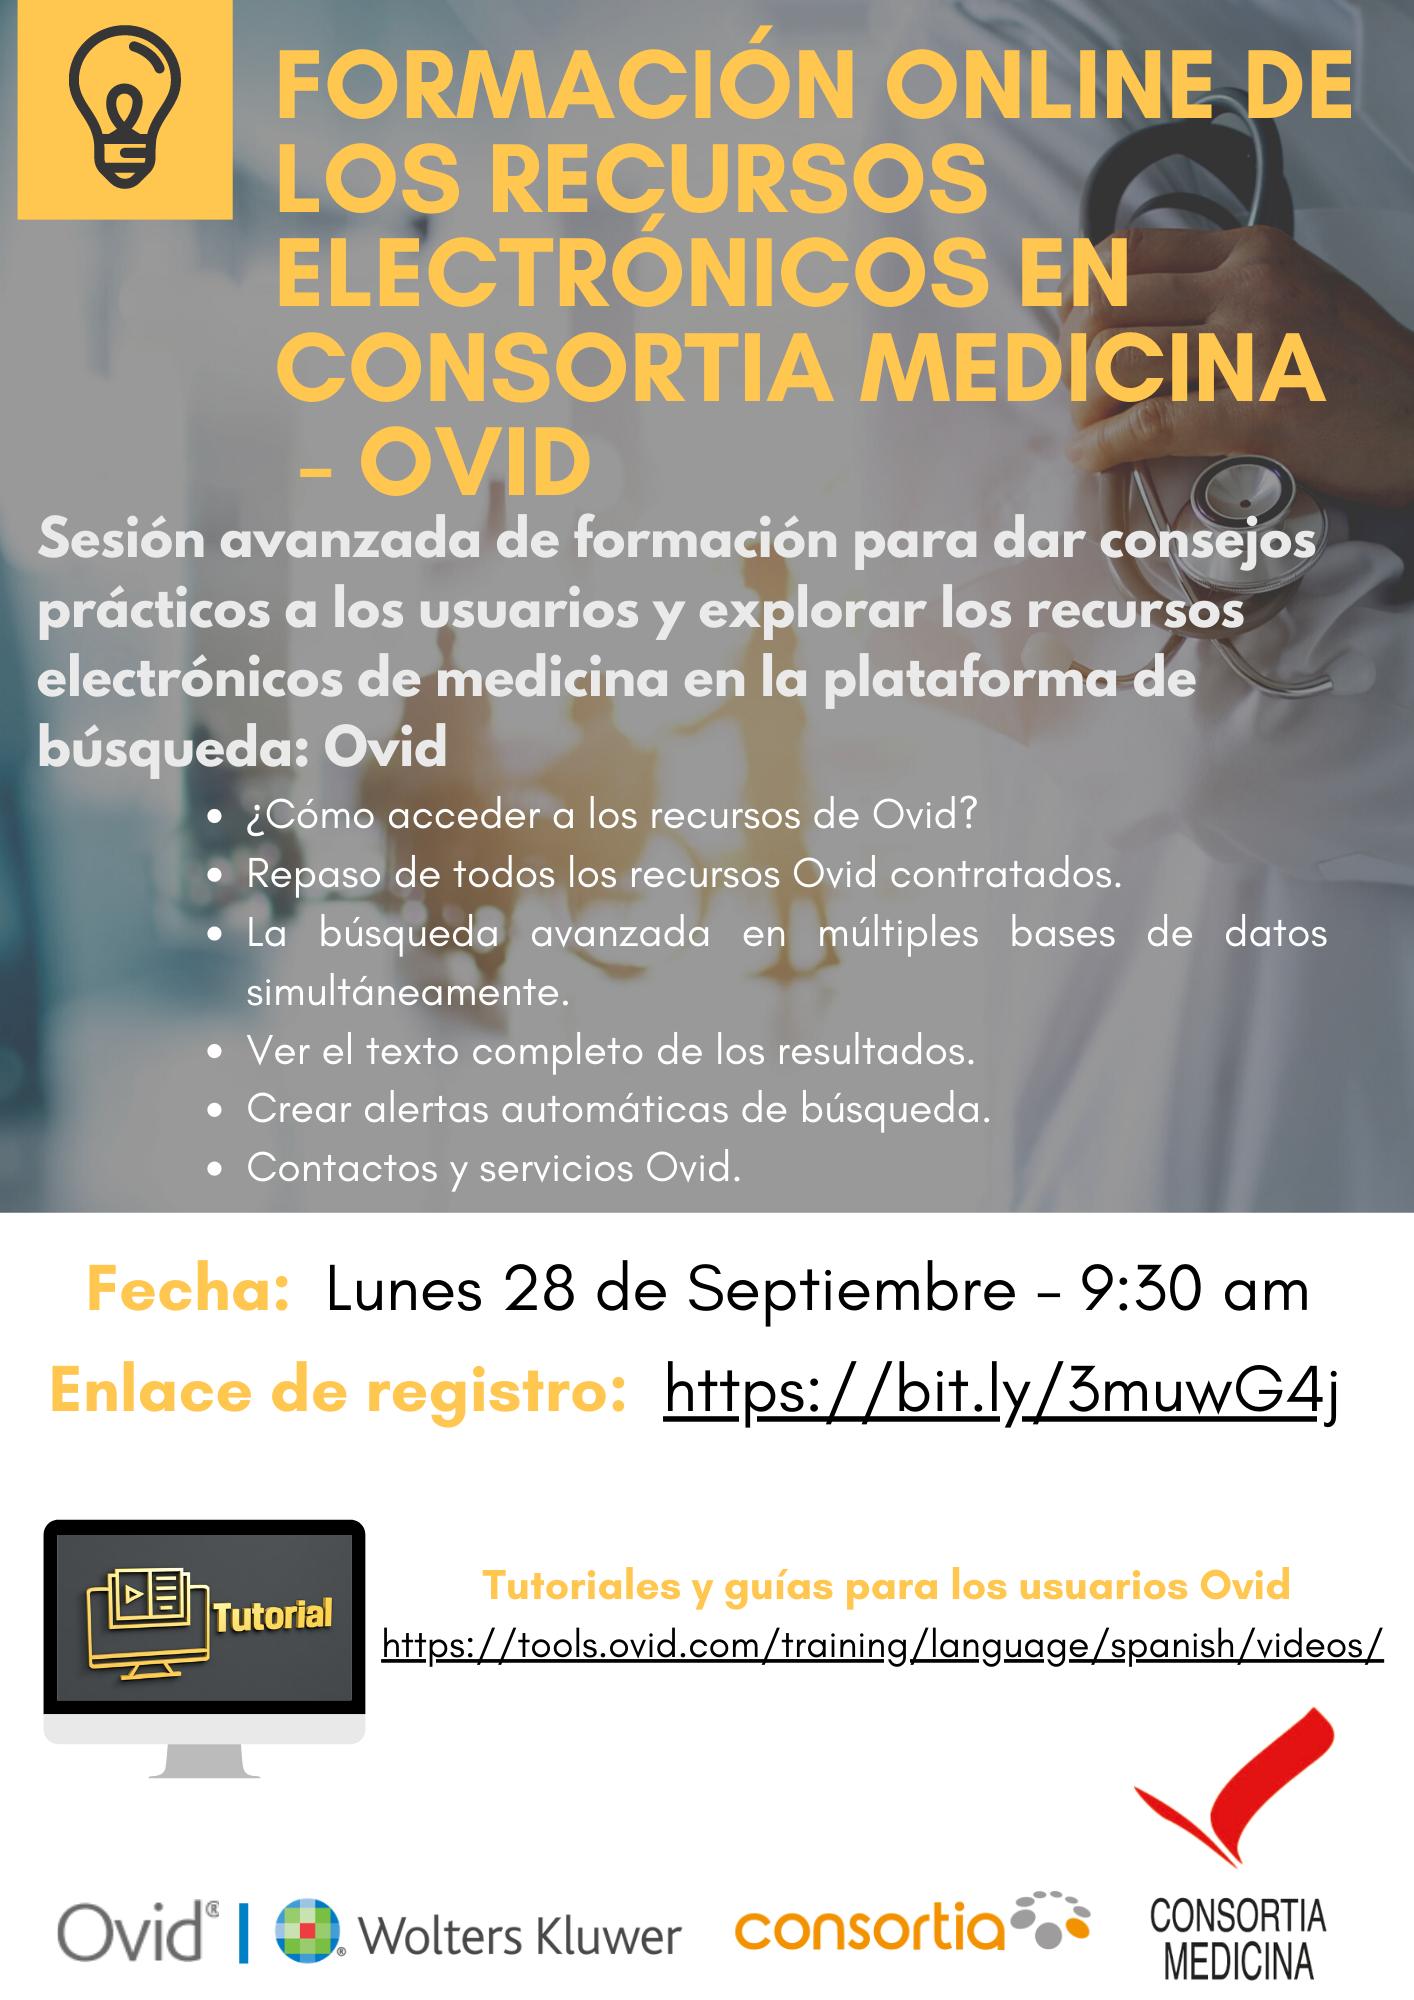 Consortia Medicina – Ovid